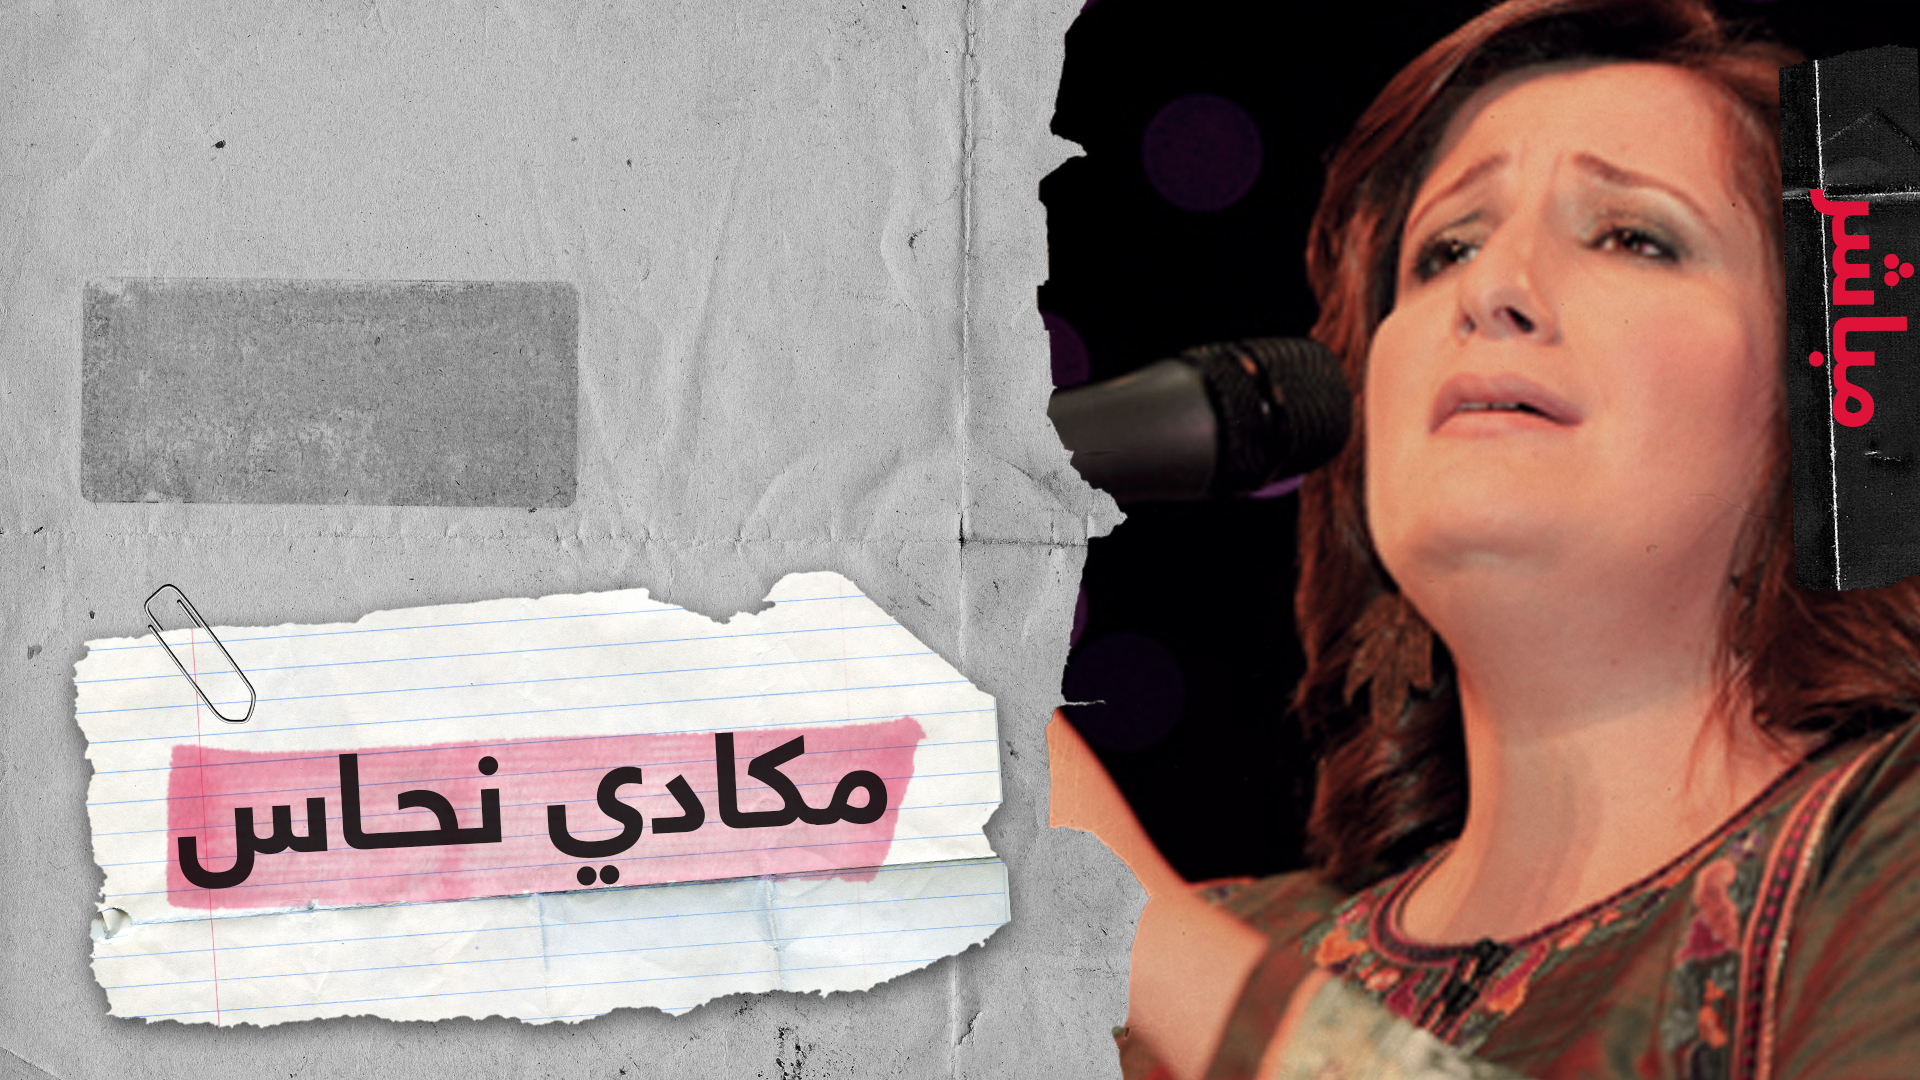 ضيفة RT Online الفنانة مكادي نحاس تروي قصة نجاحها وتشرح ظروف الحياة في الأردن في ظل كورونا